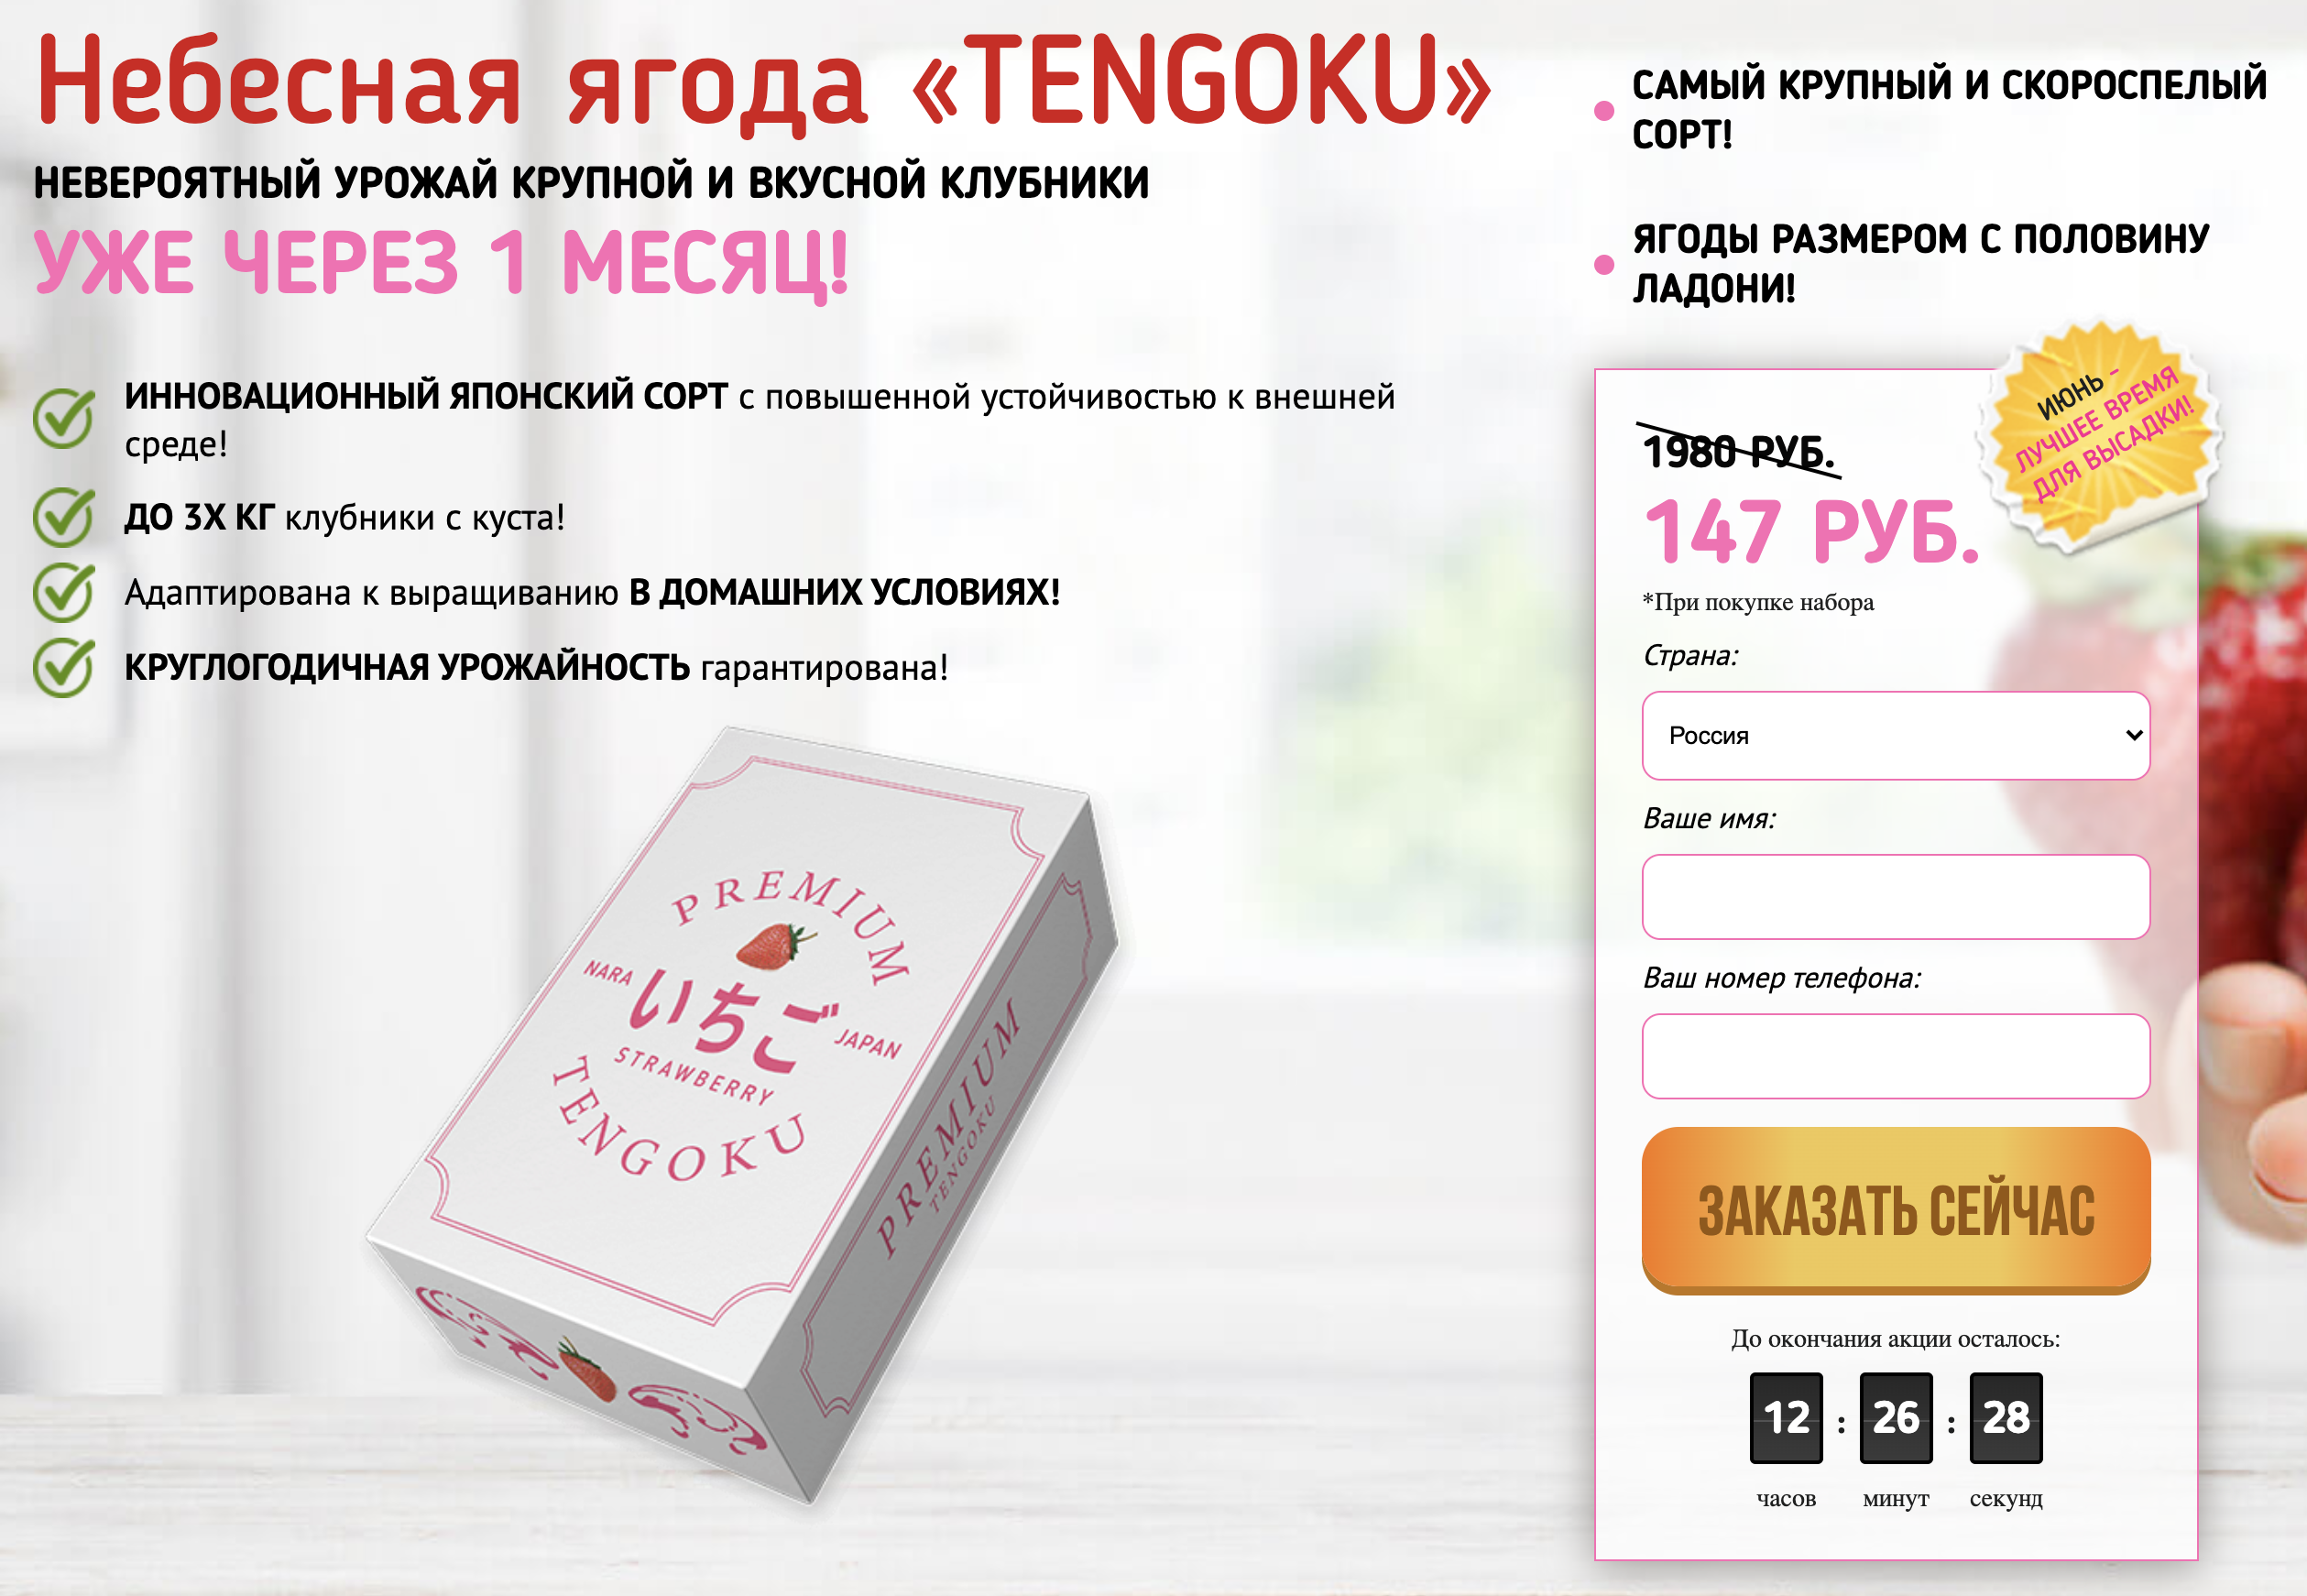 Чуть позже я нашла еще один сайт, который продает ягодницы Tengoku, но уже с другой подачей. Наверное, продавцы пробуют разный подход к аудитории. Илиже постоянно меняют сайты, потомучто их постоянно блокируют